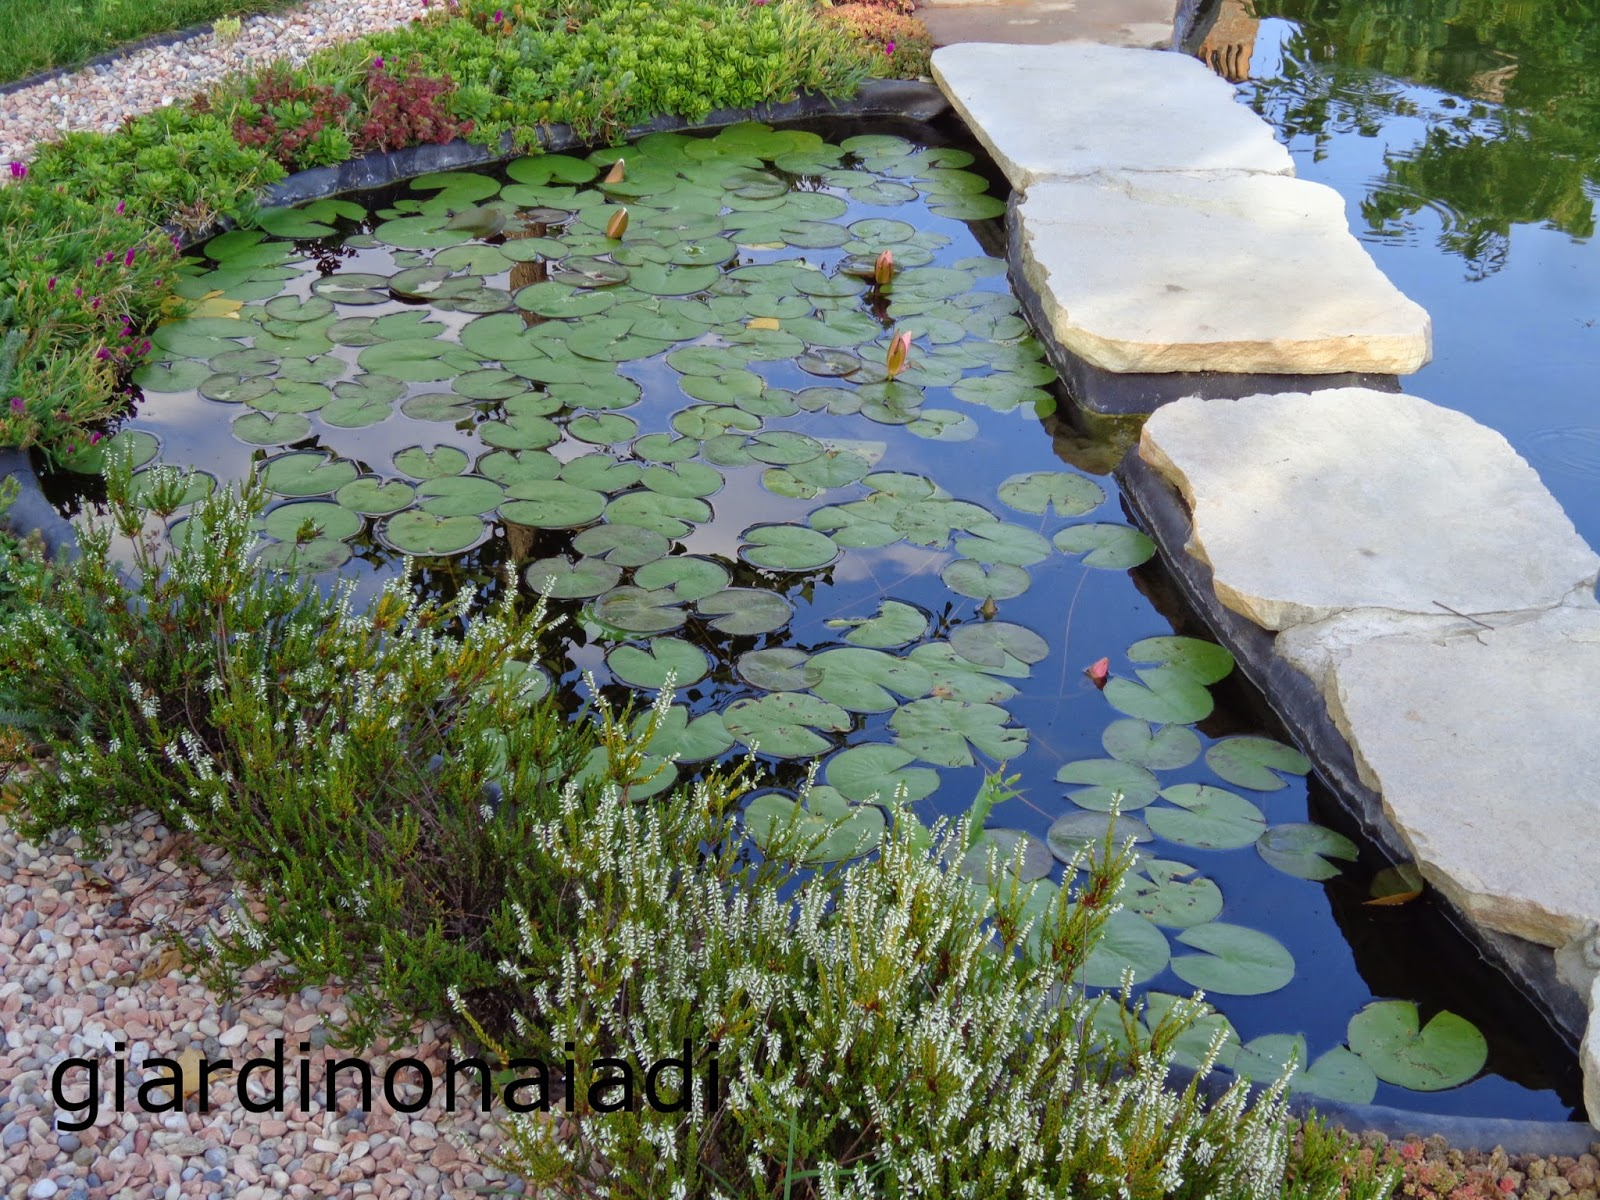 Il giardino delle naiadi filtrazione naturale e tecnica for Laghetto tartarughe inverno